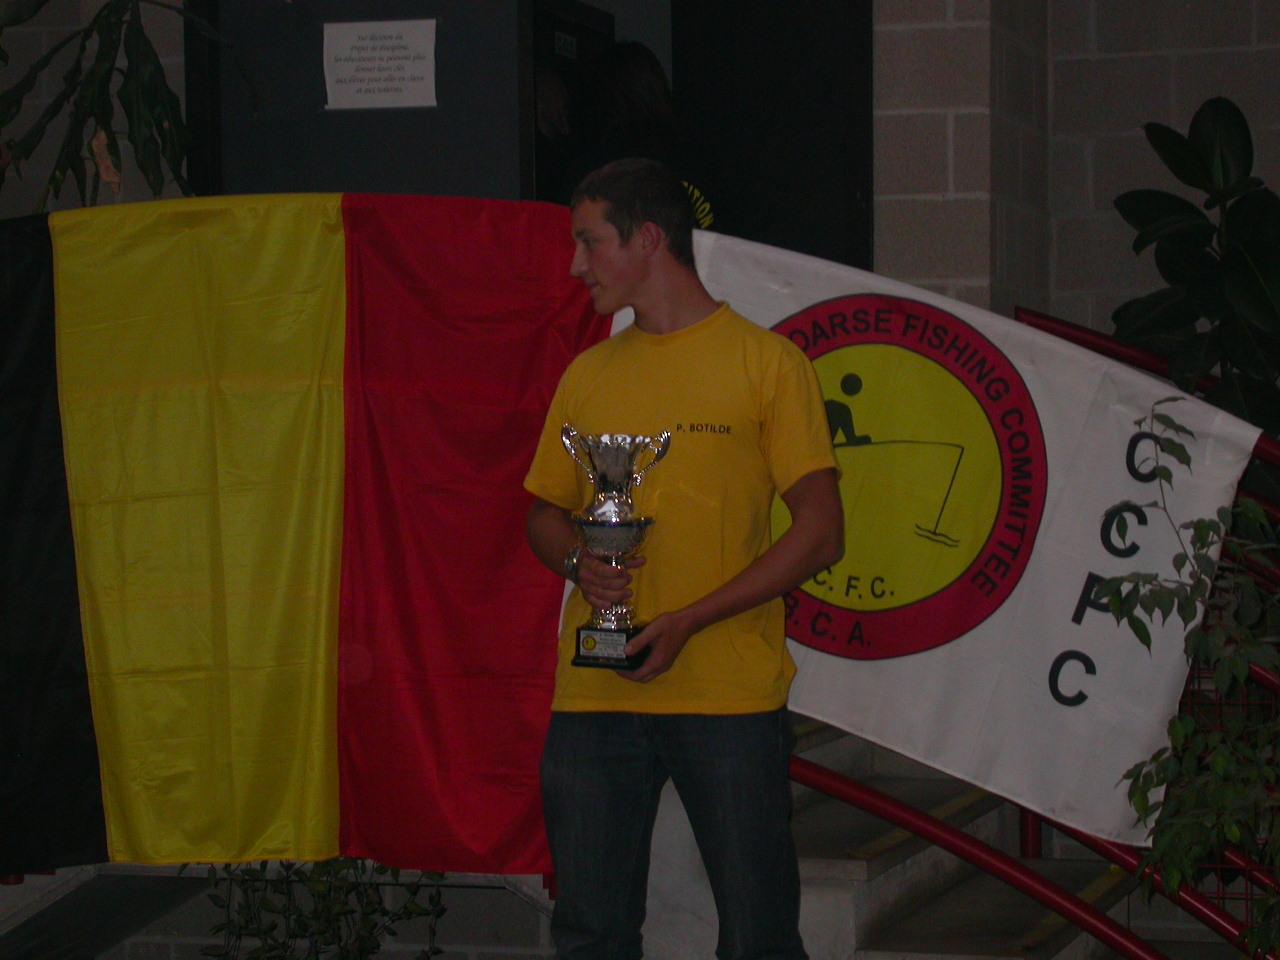 pierre 3ème Champ Belgique Jeunes .JPG